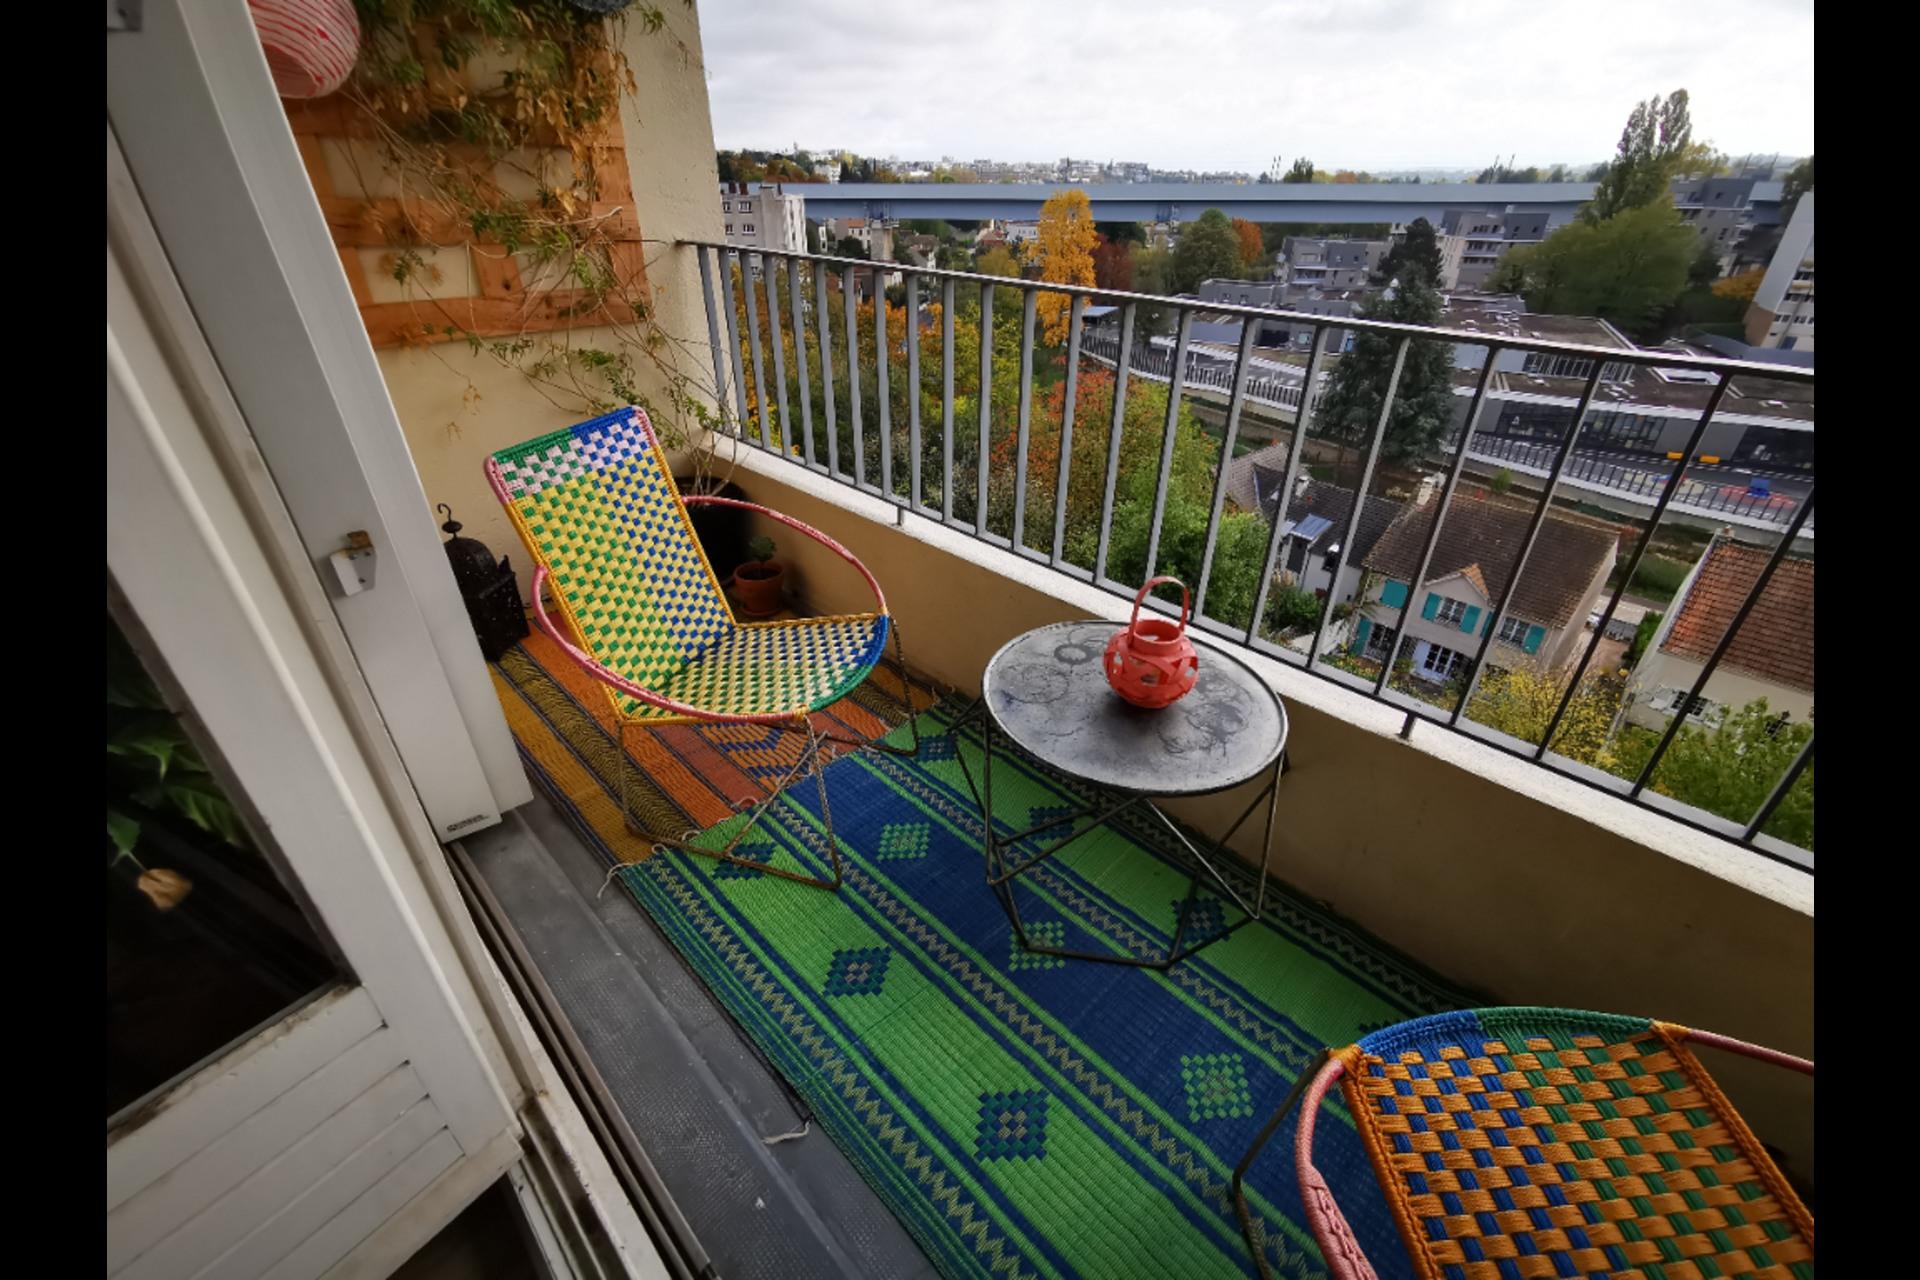 image 3 - Apartment For sale saint-germain-en-laye - 4 rooms